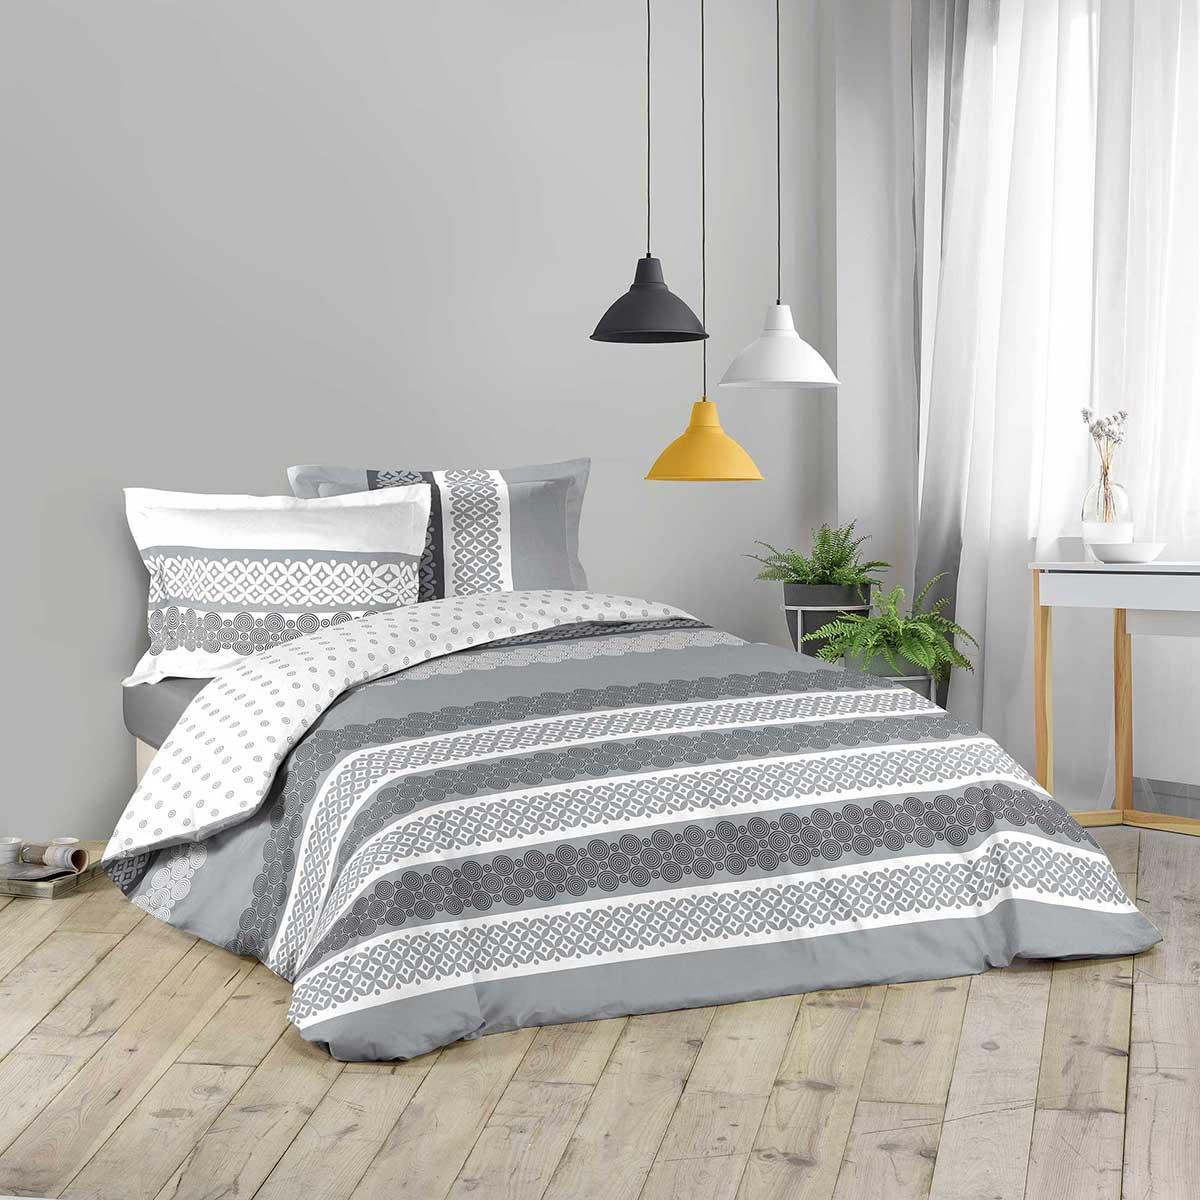 Parure de couette à motifs géométriques blancs et gris - GRIS / BLANC - 240 x 220 cm + 2T